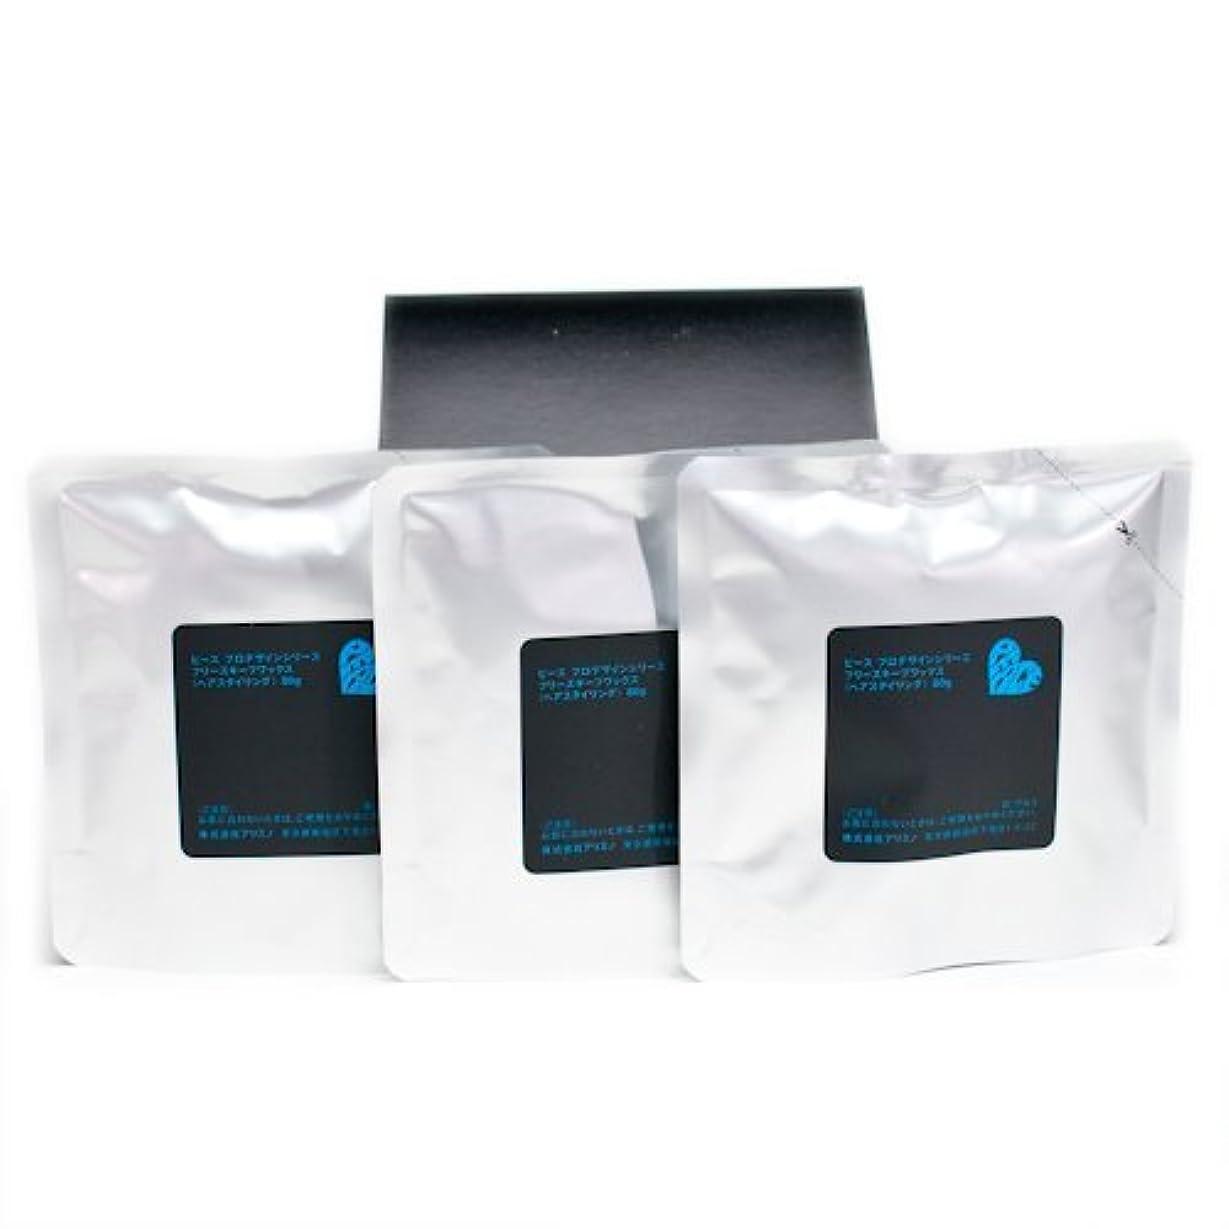 ラジウム復活させる満了アリミノ ピース フリーズキープワックス (ブラック)80g(業務?詰替用)×3個入り